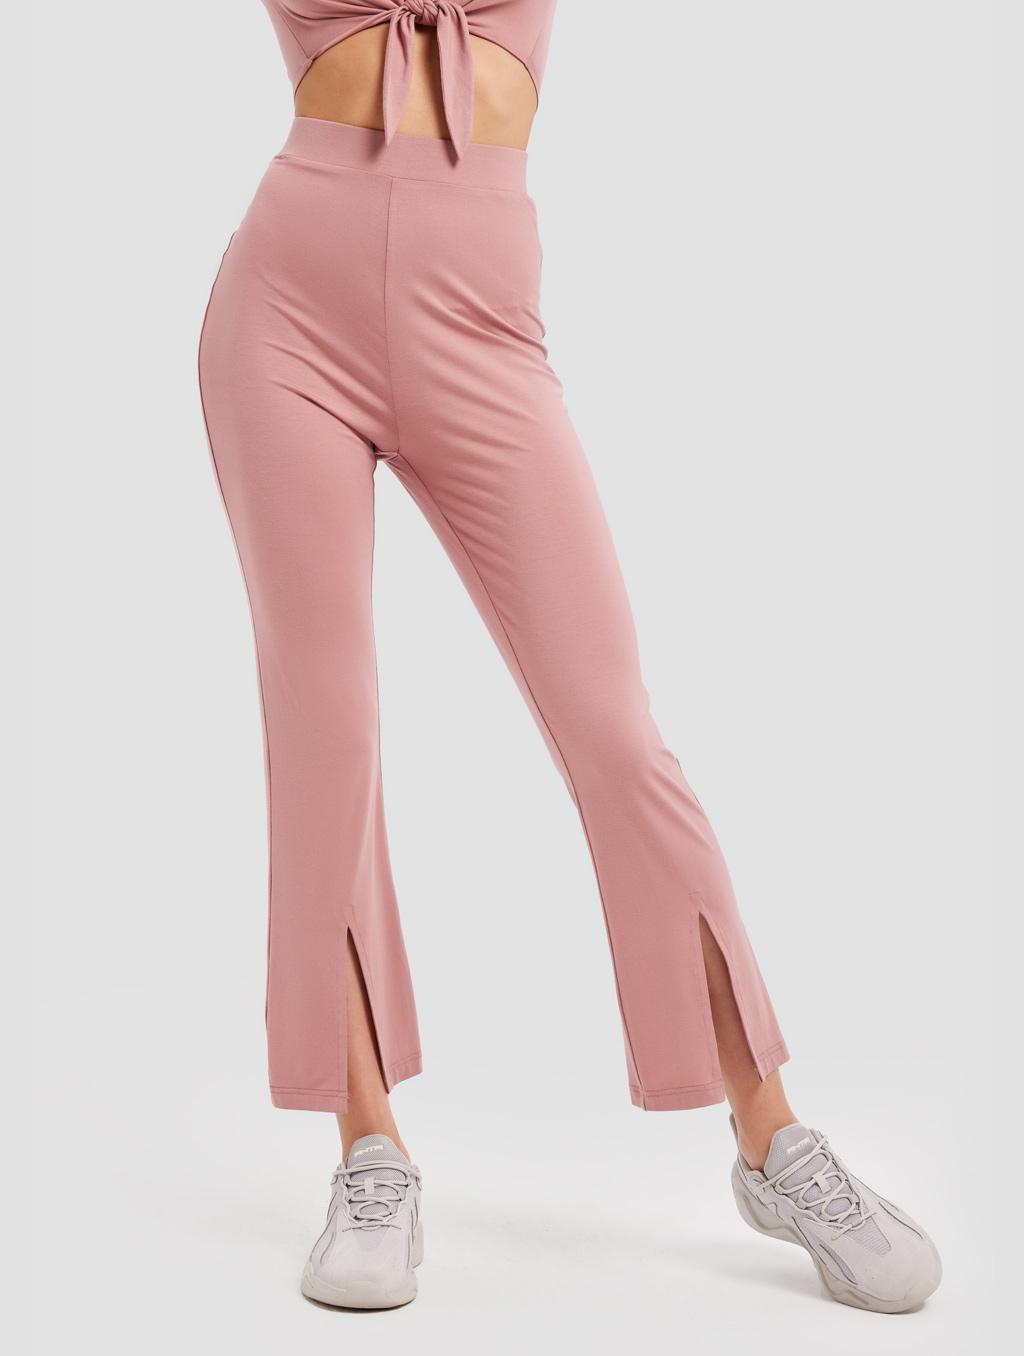 Slit Knit Pants - positive- pink